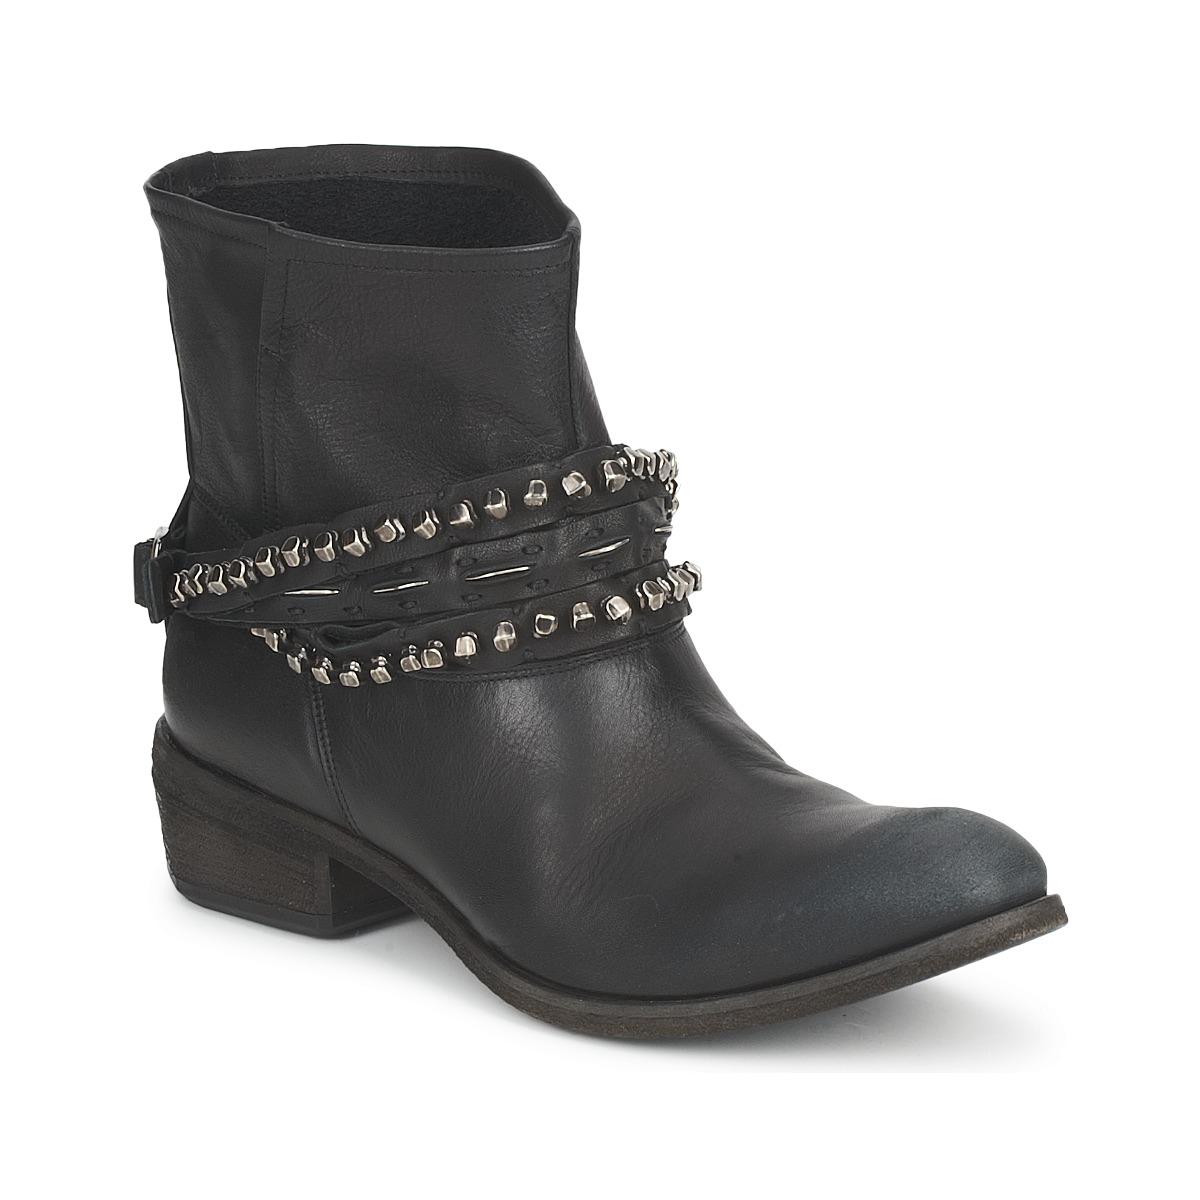 Strategia GRONI Schwarz - Kostenloser Versand bei Spartoode ! - Schuhe Boots Damen 249,60 €